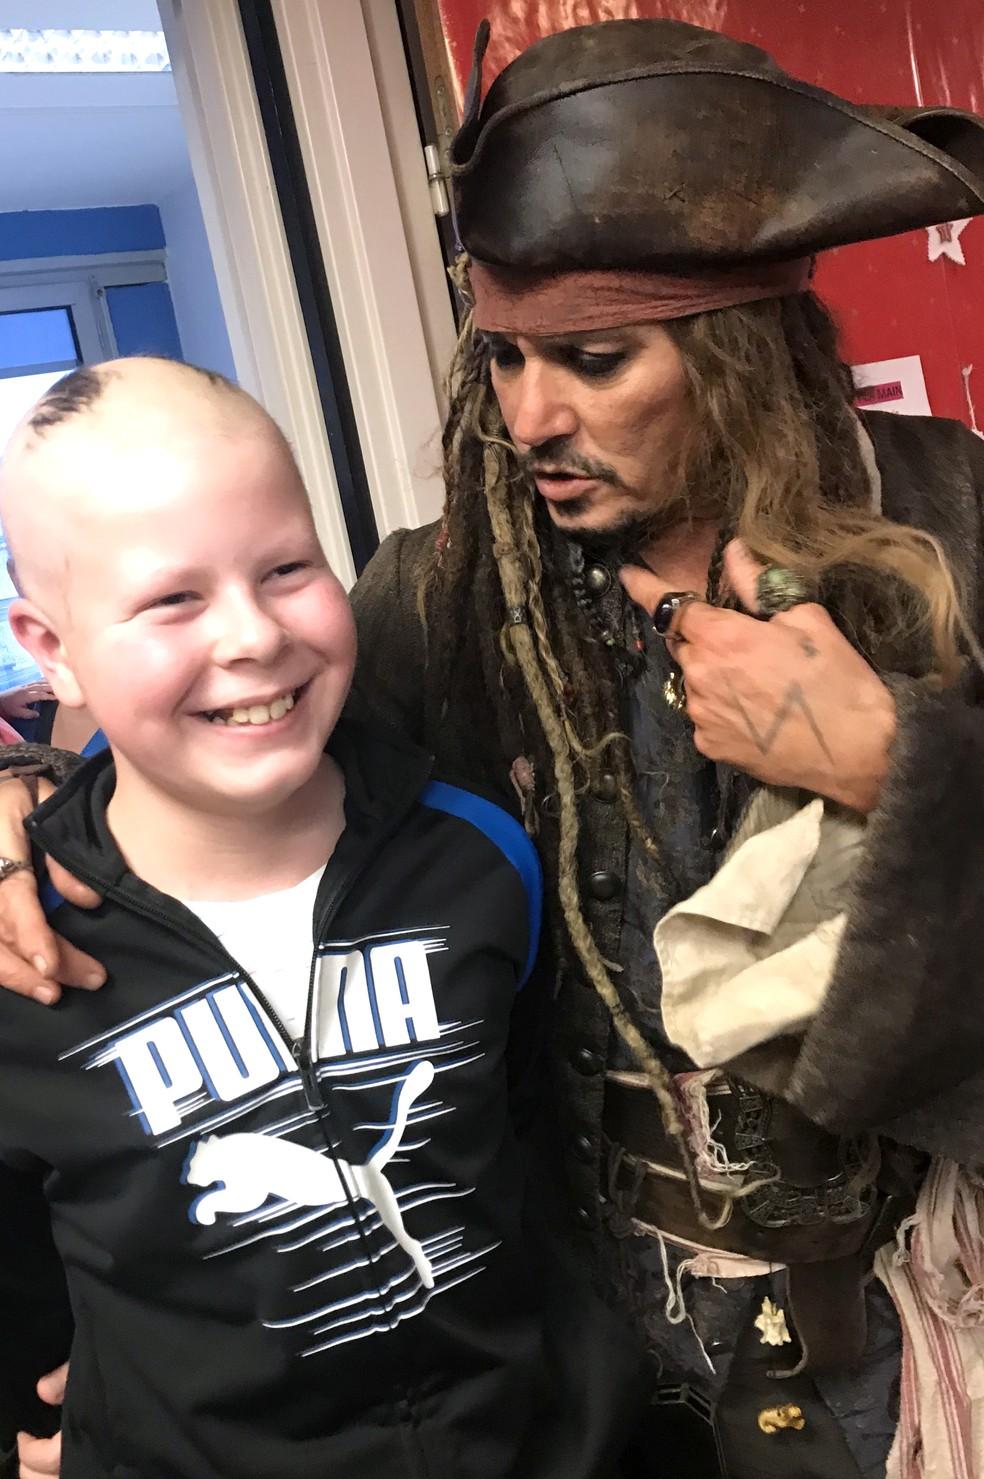 Johnny Depp, vestido como Jack Sparrow, visita crianças em tratamento contra câncer em hospital de Paris — Foto: HO / INSTITUT CURIE / AFP